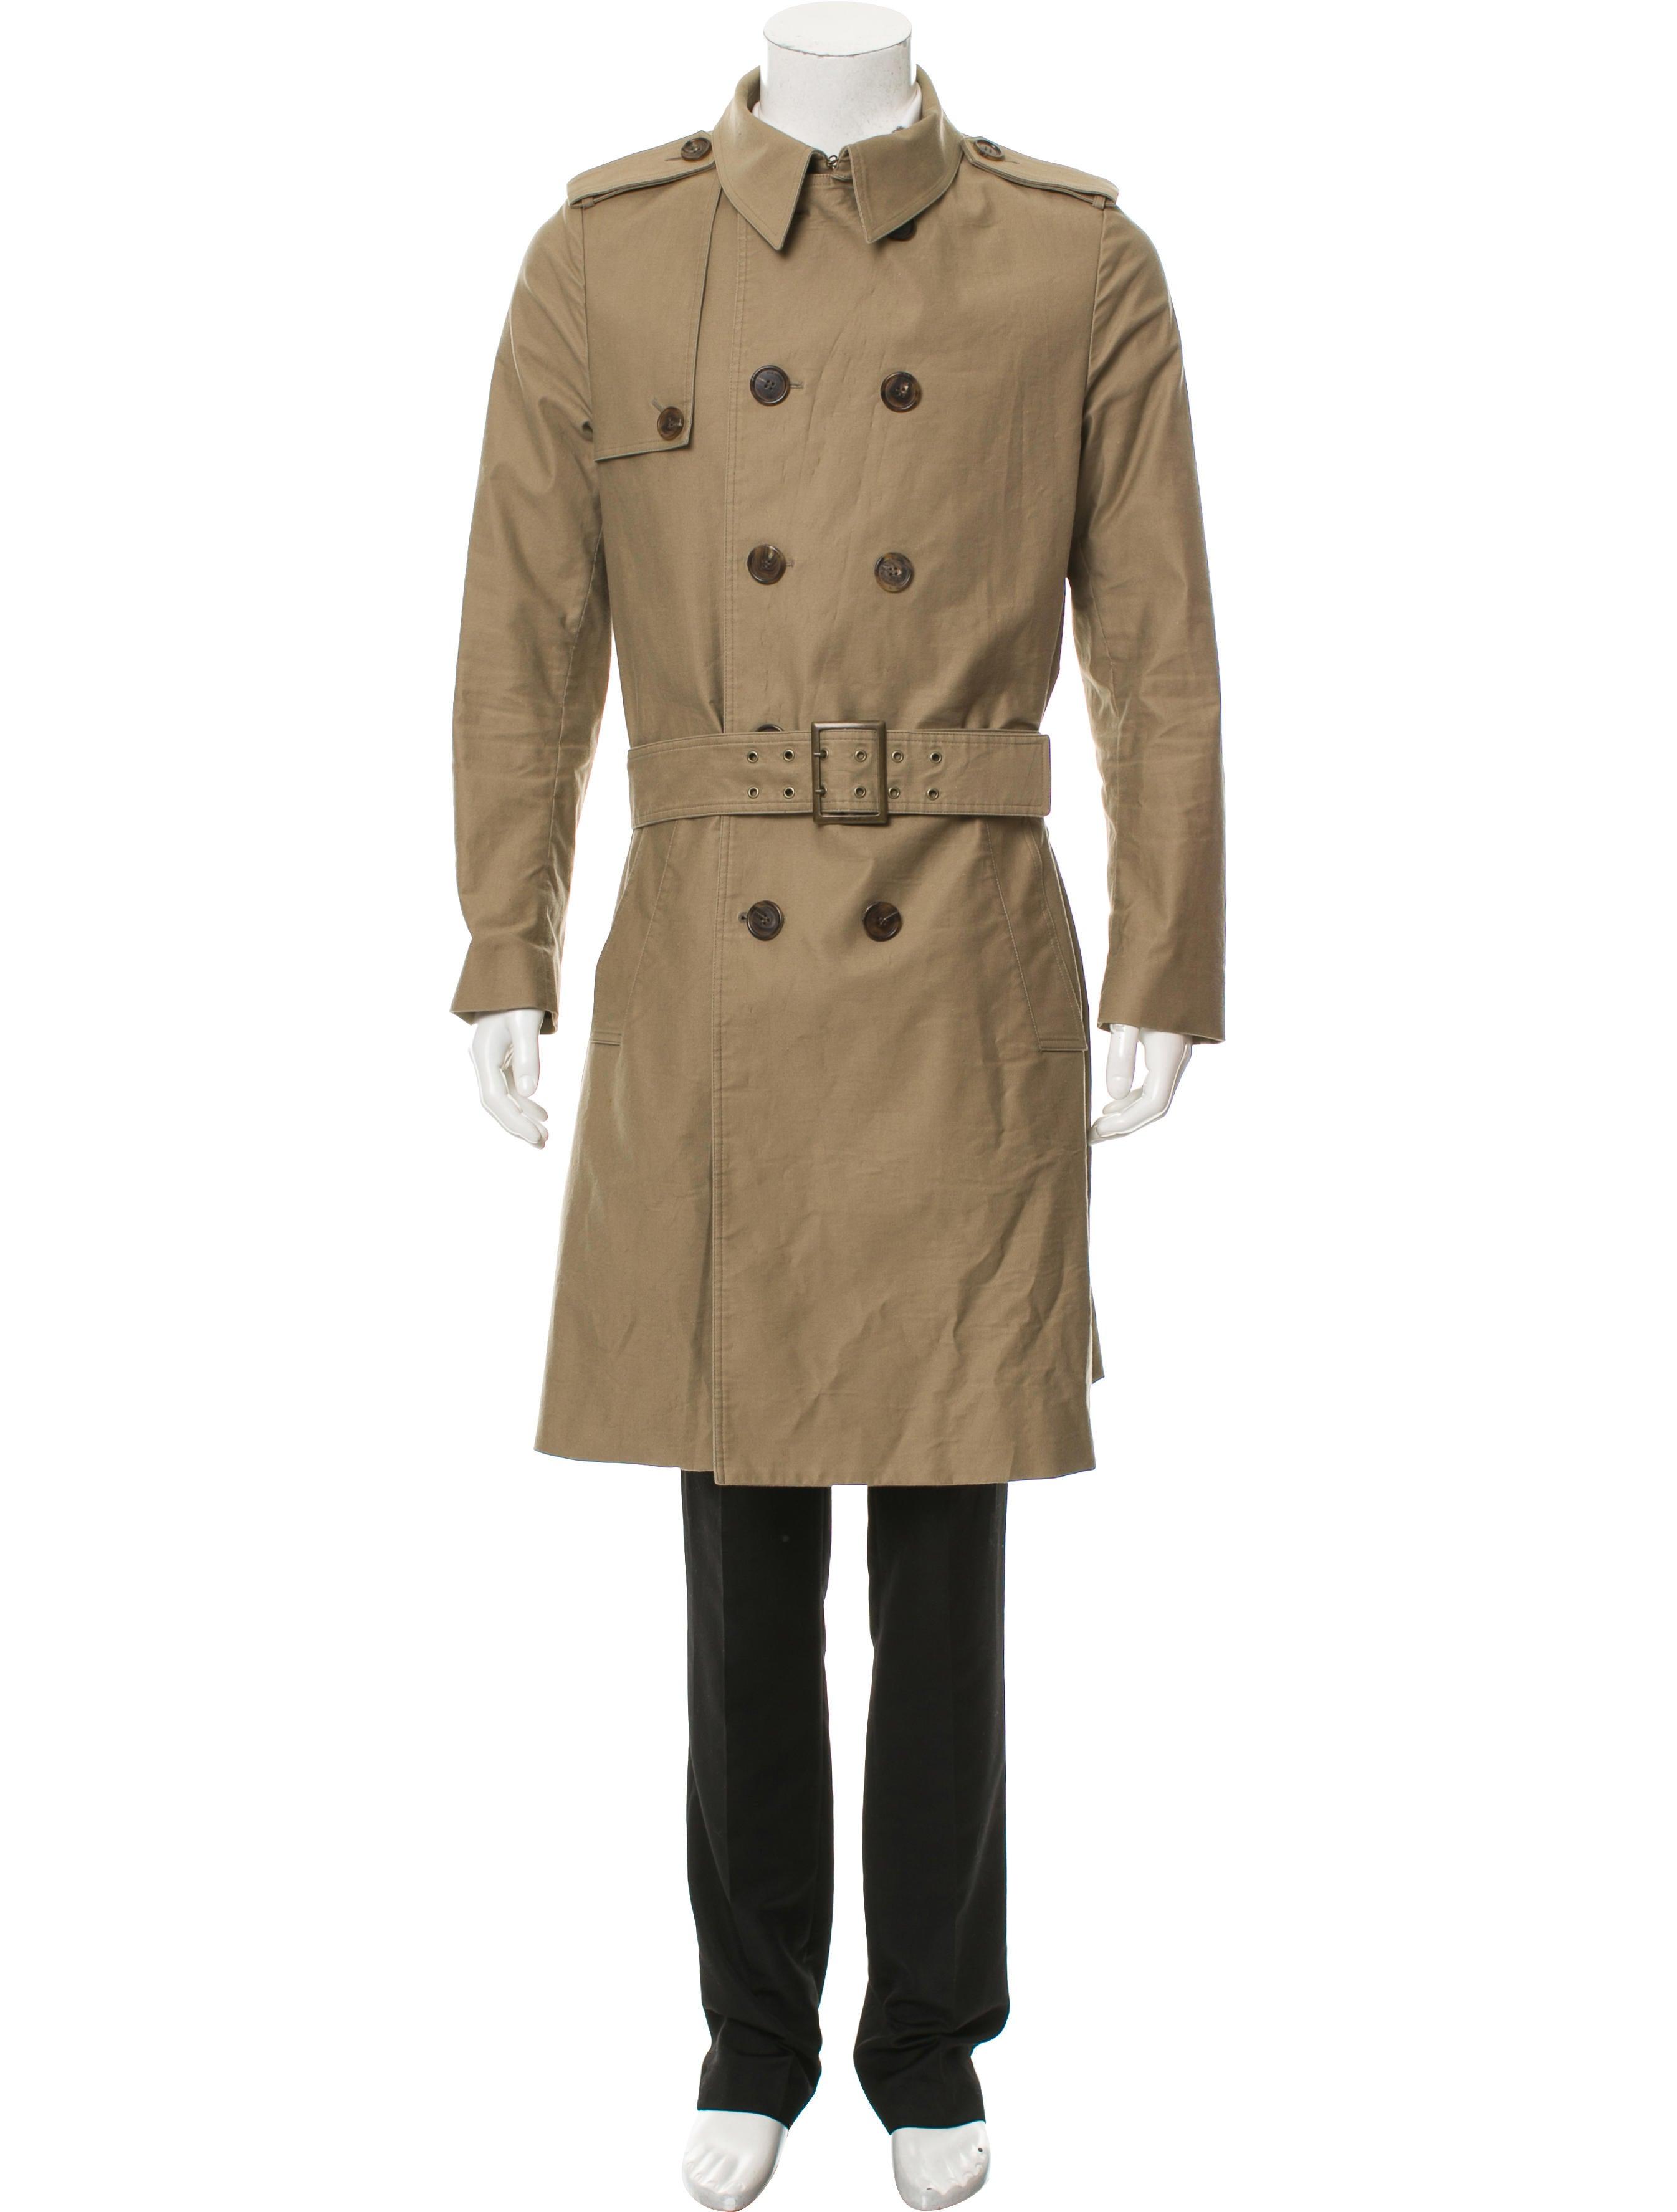 dior homme 2007 belted trench coat clothing hmm23700. Black Bedroom Furniture Sets. Home Design Ideas